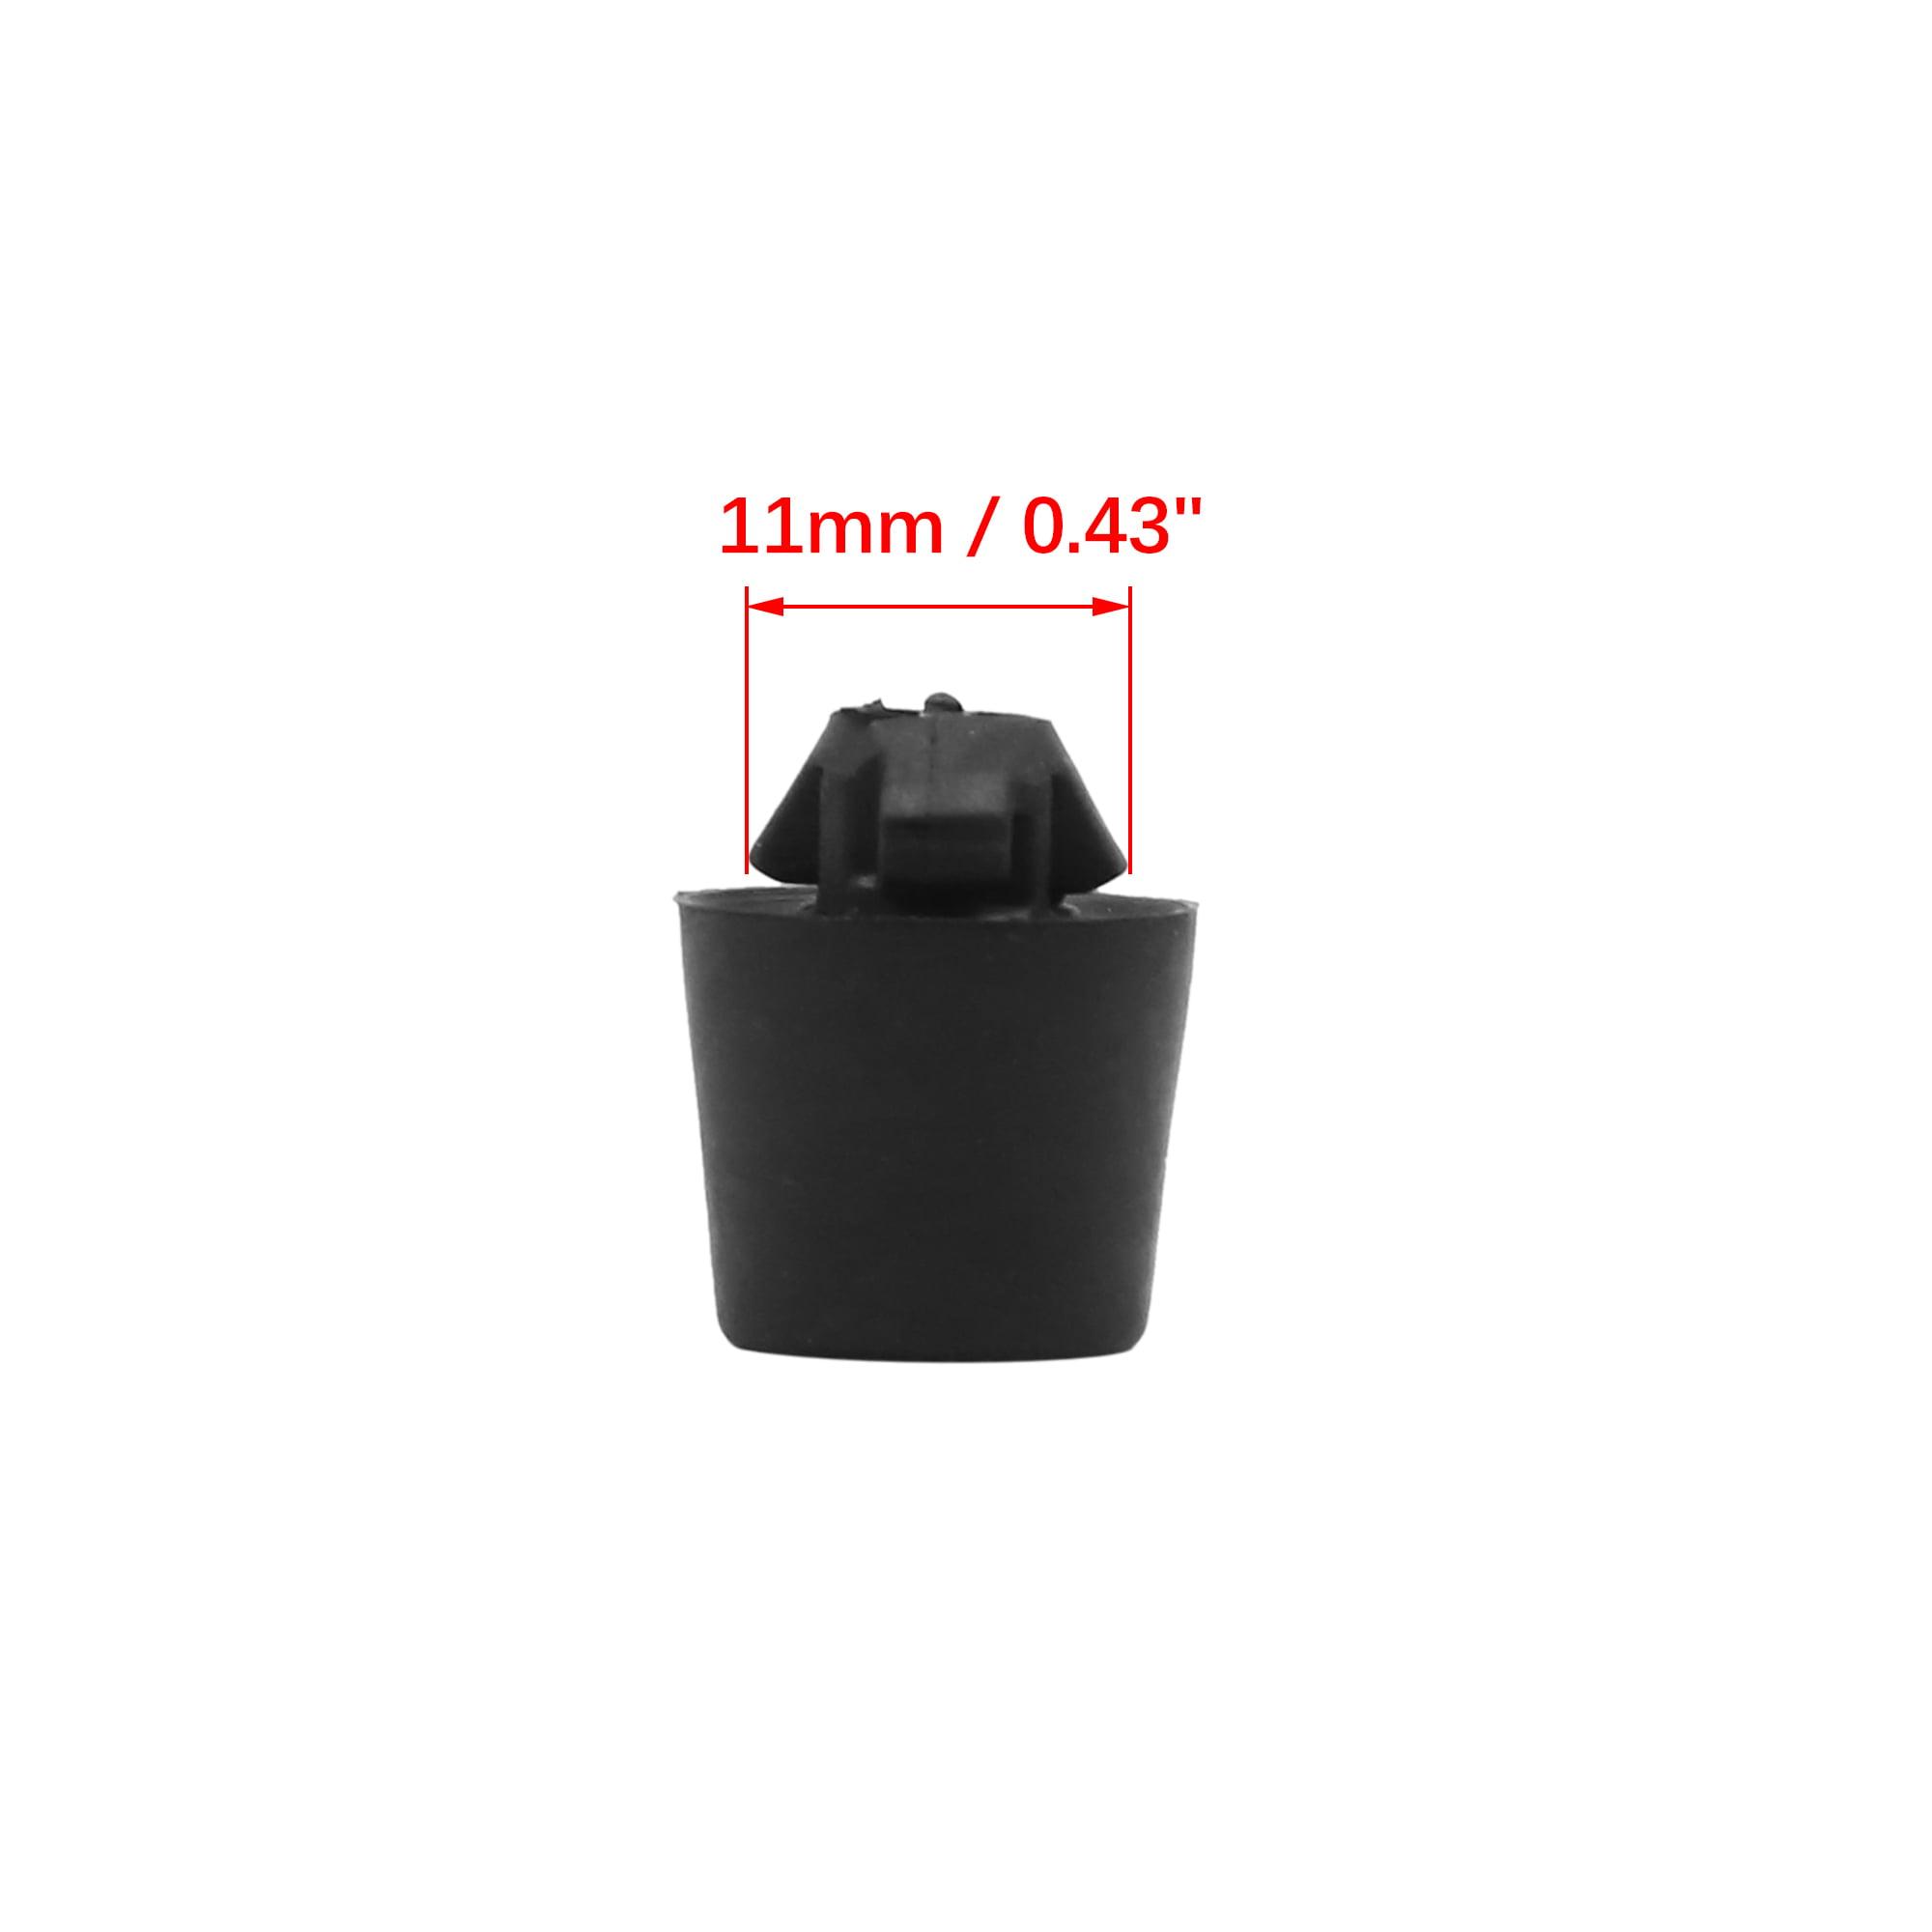 2pcs 16.2 x 20mm Buffer Mount Rubber Block Absorber for Car Door Trunk Hood